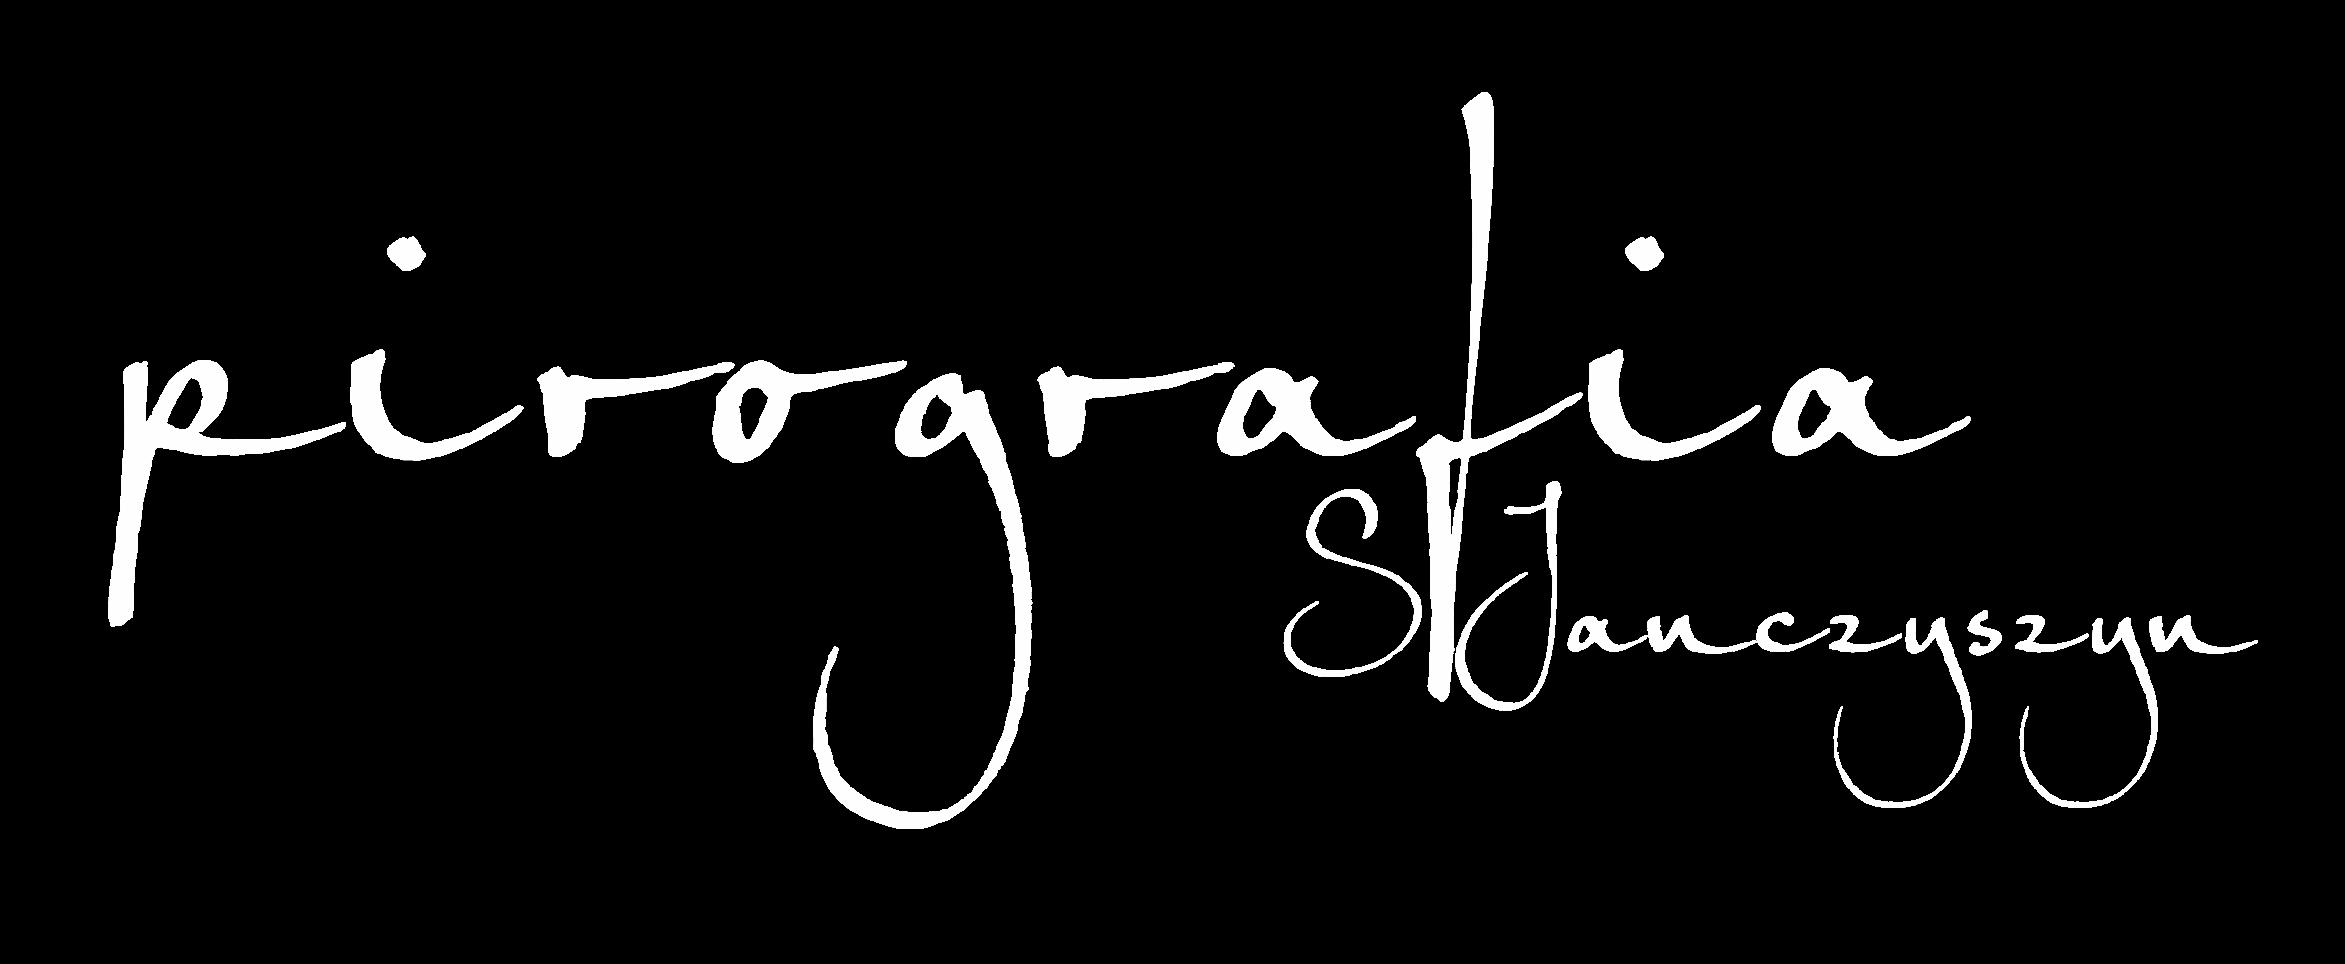 Pirografia Sylwia Janczyszyn